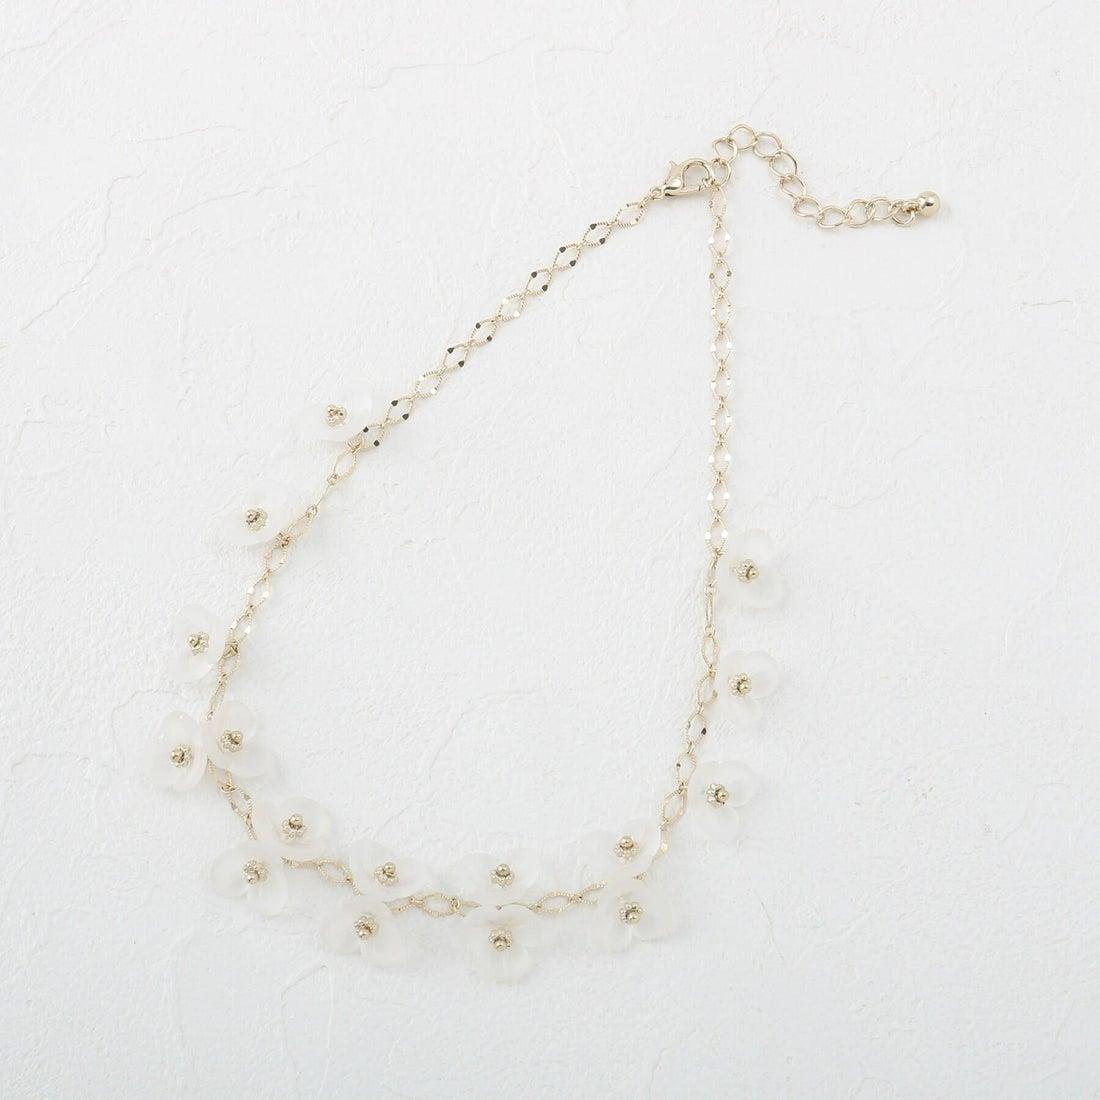 クチュール ブローチ Couture brooch メニーフラワーネックレス (オフホワイト)